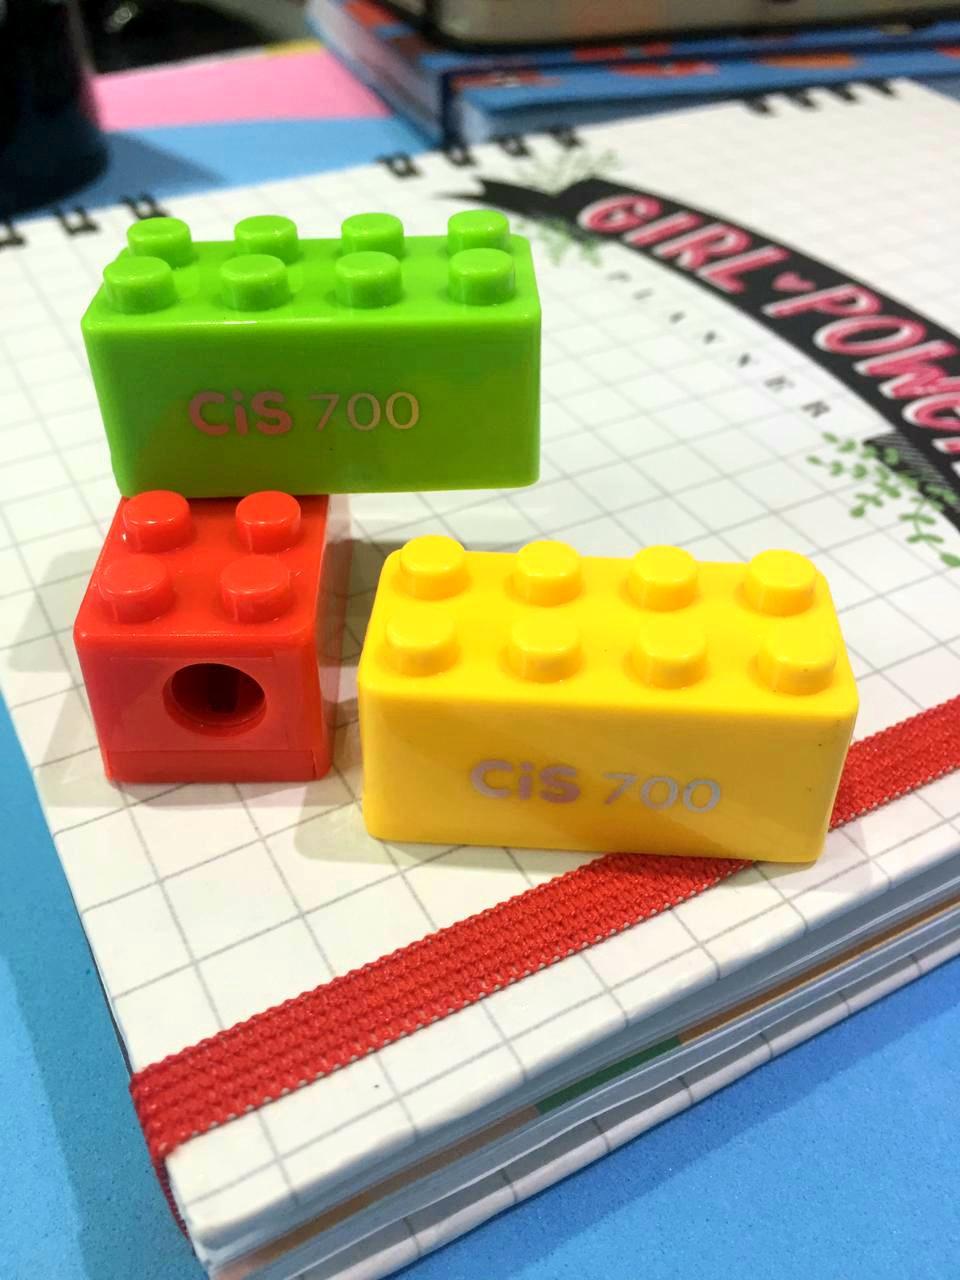 Apontador Cis - Lego